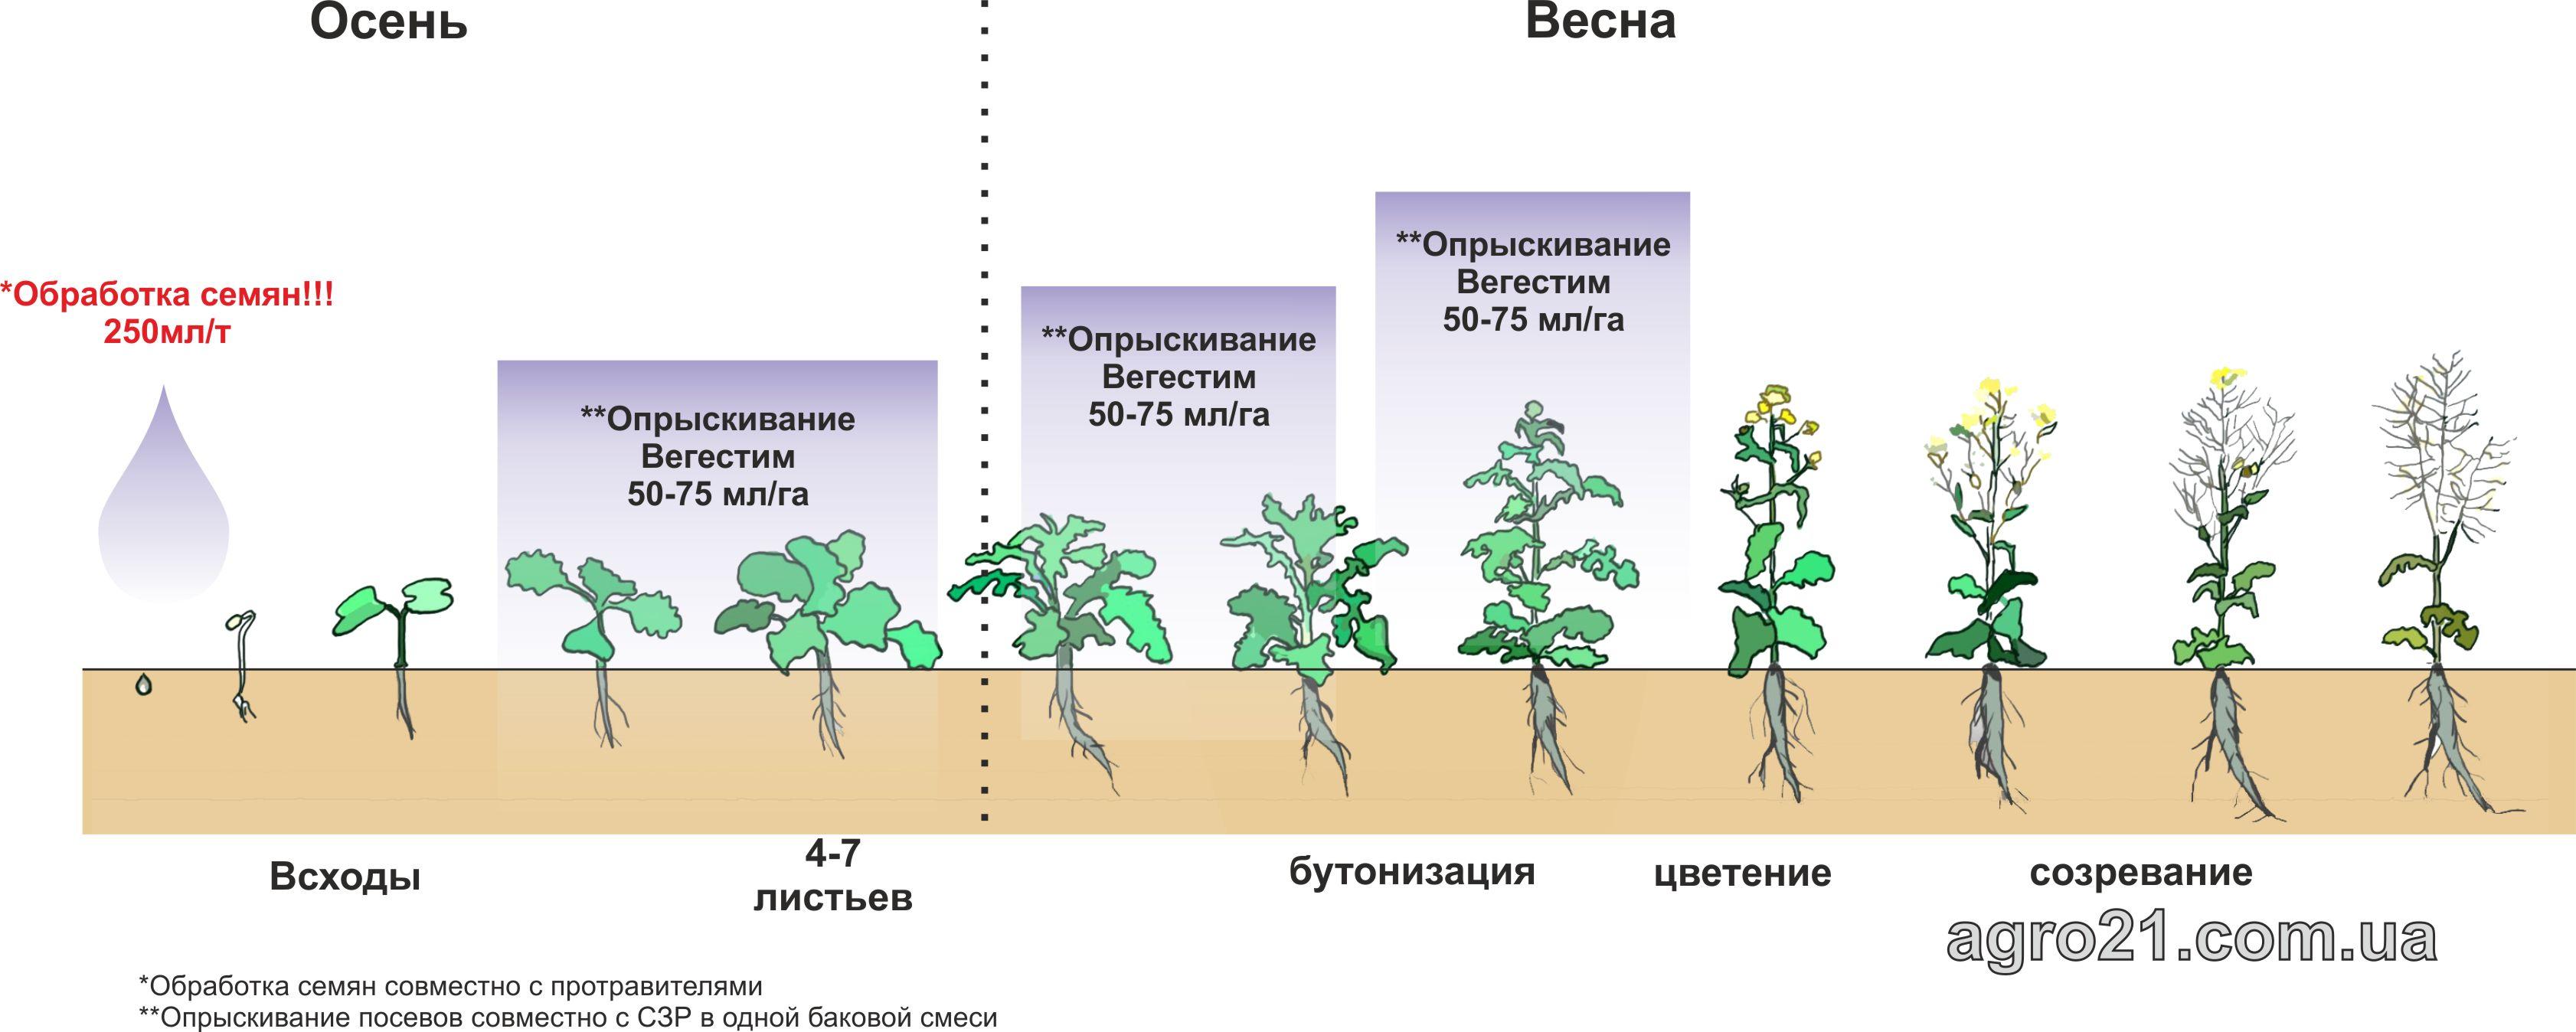 Вегестим. Схема застосування стимулятору росту рослин на посівах ріпаку